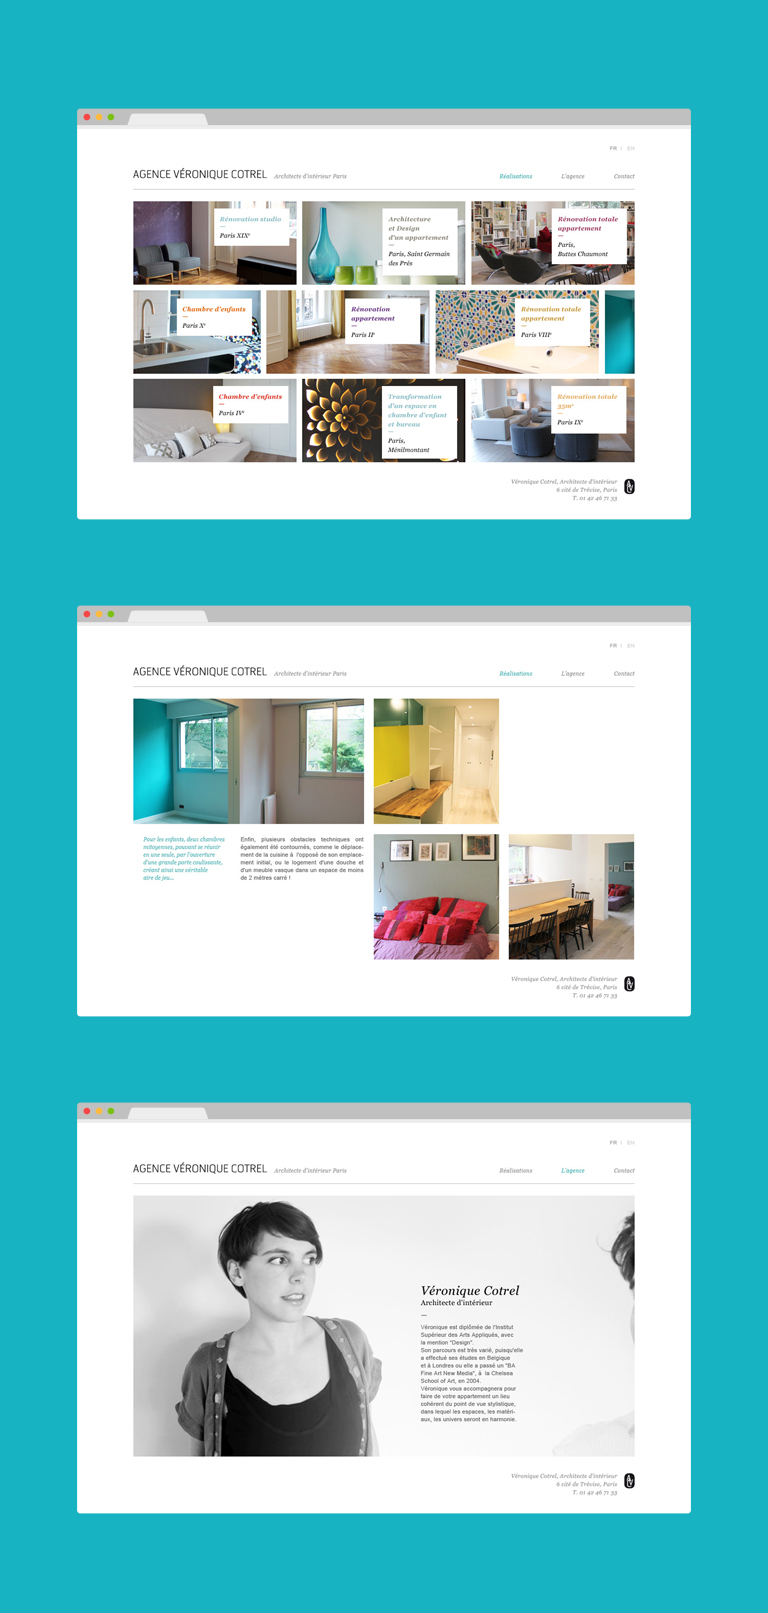 agence v ronique cotrel agence le 6. Black Bedroom Furniture Sets. Home Design Ideas